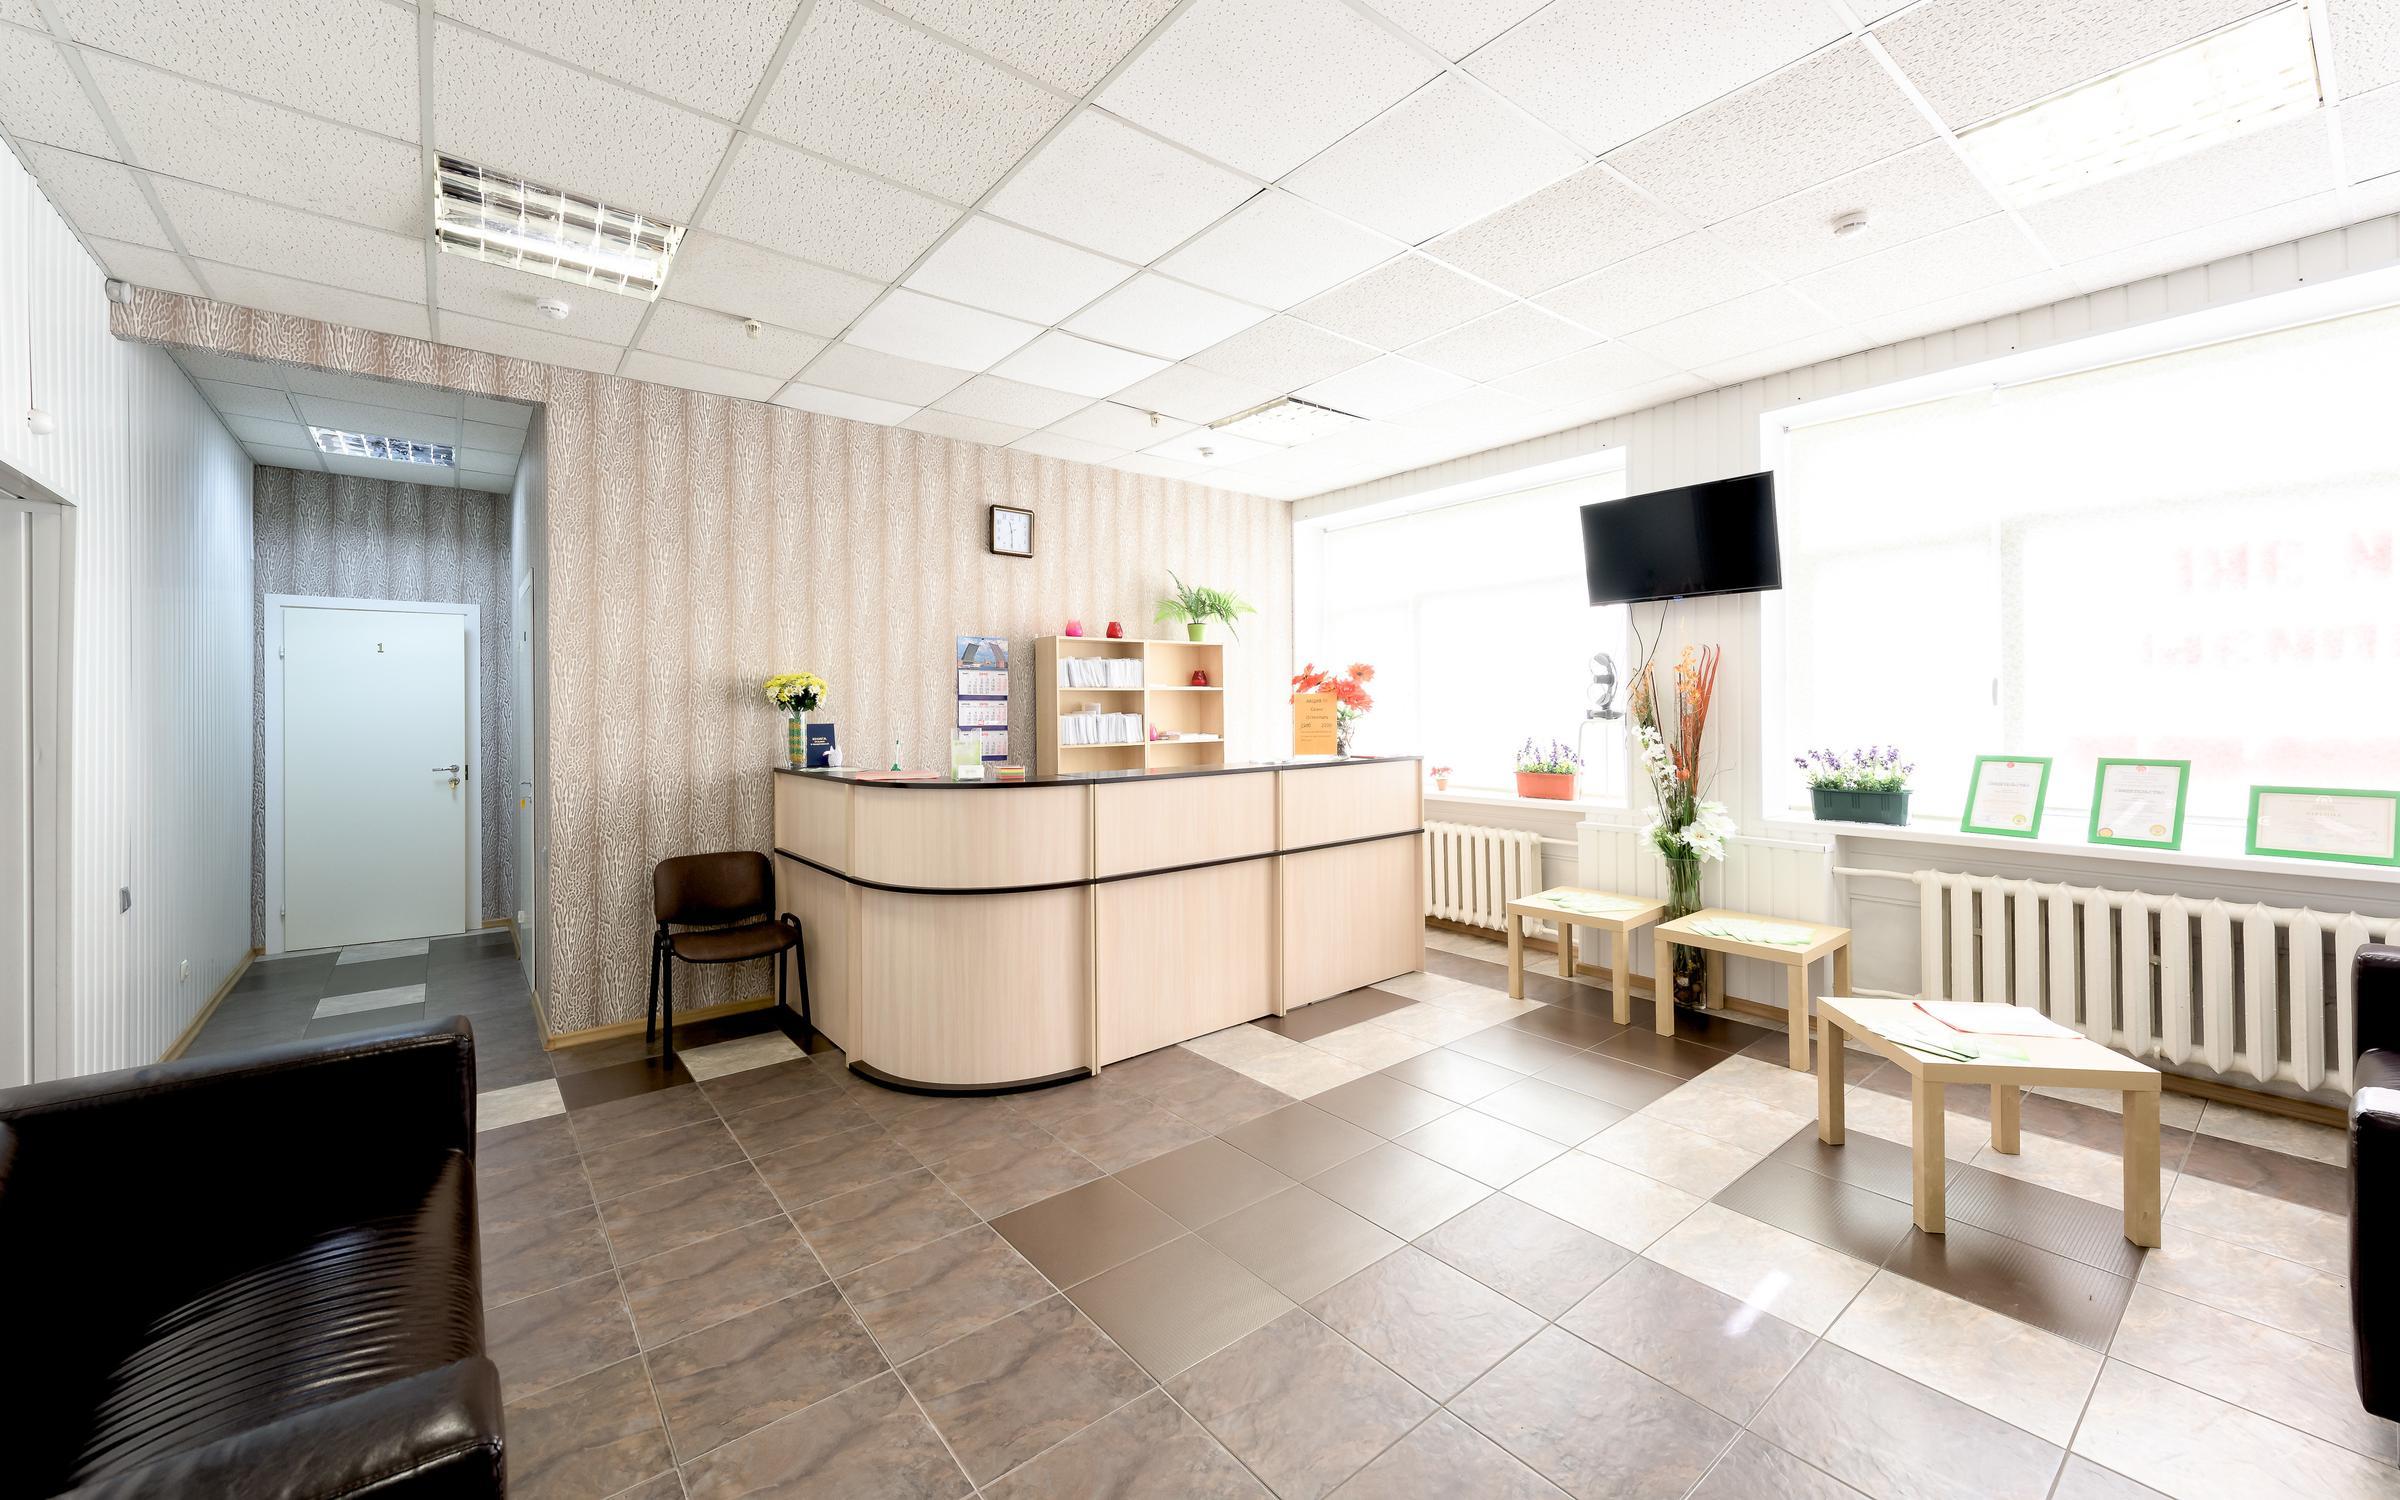 фотография Медицинского центра ОМЕГА на Бухарестской улице